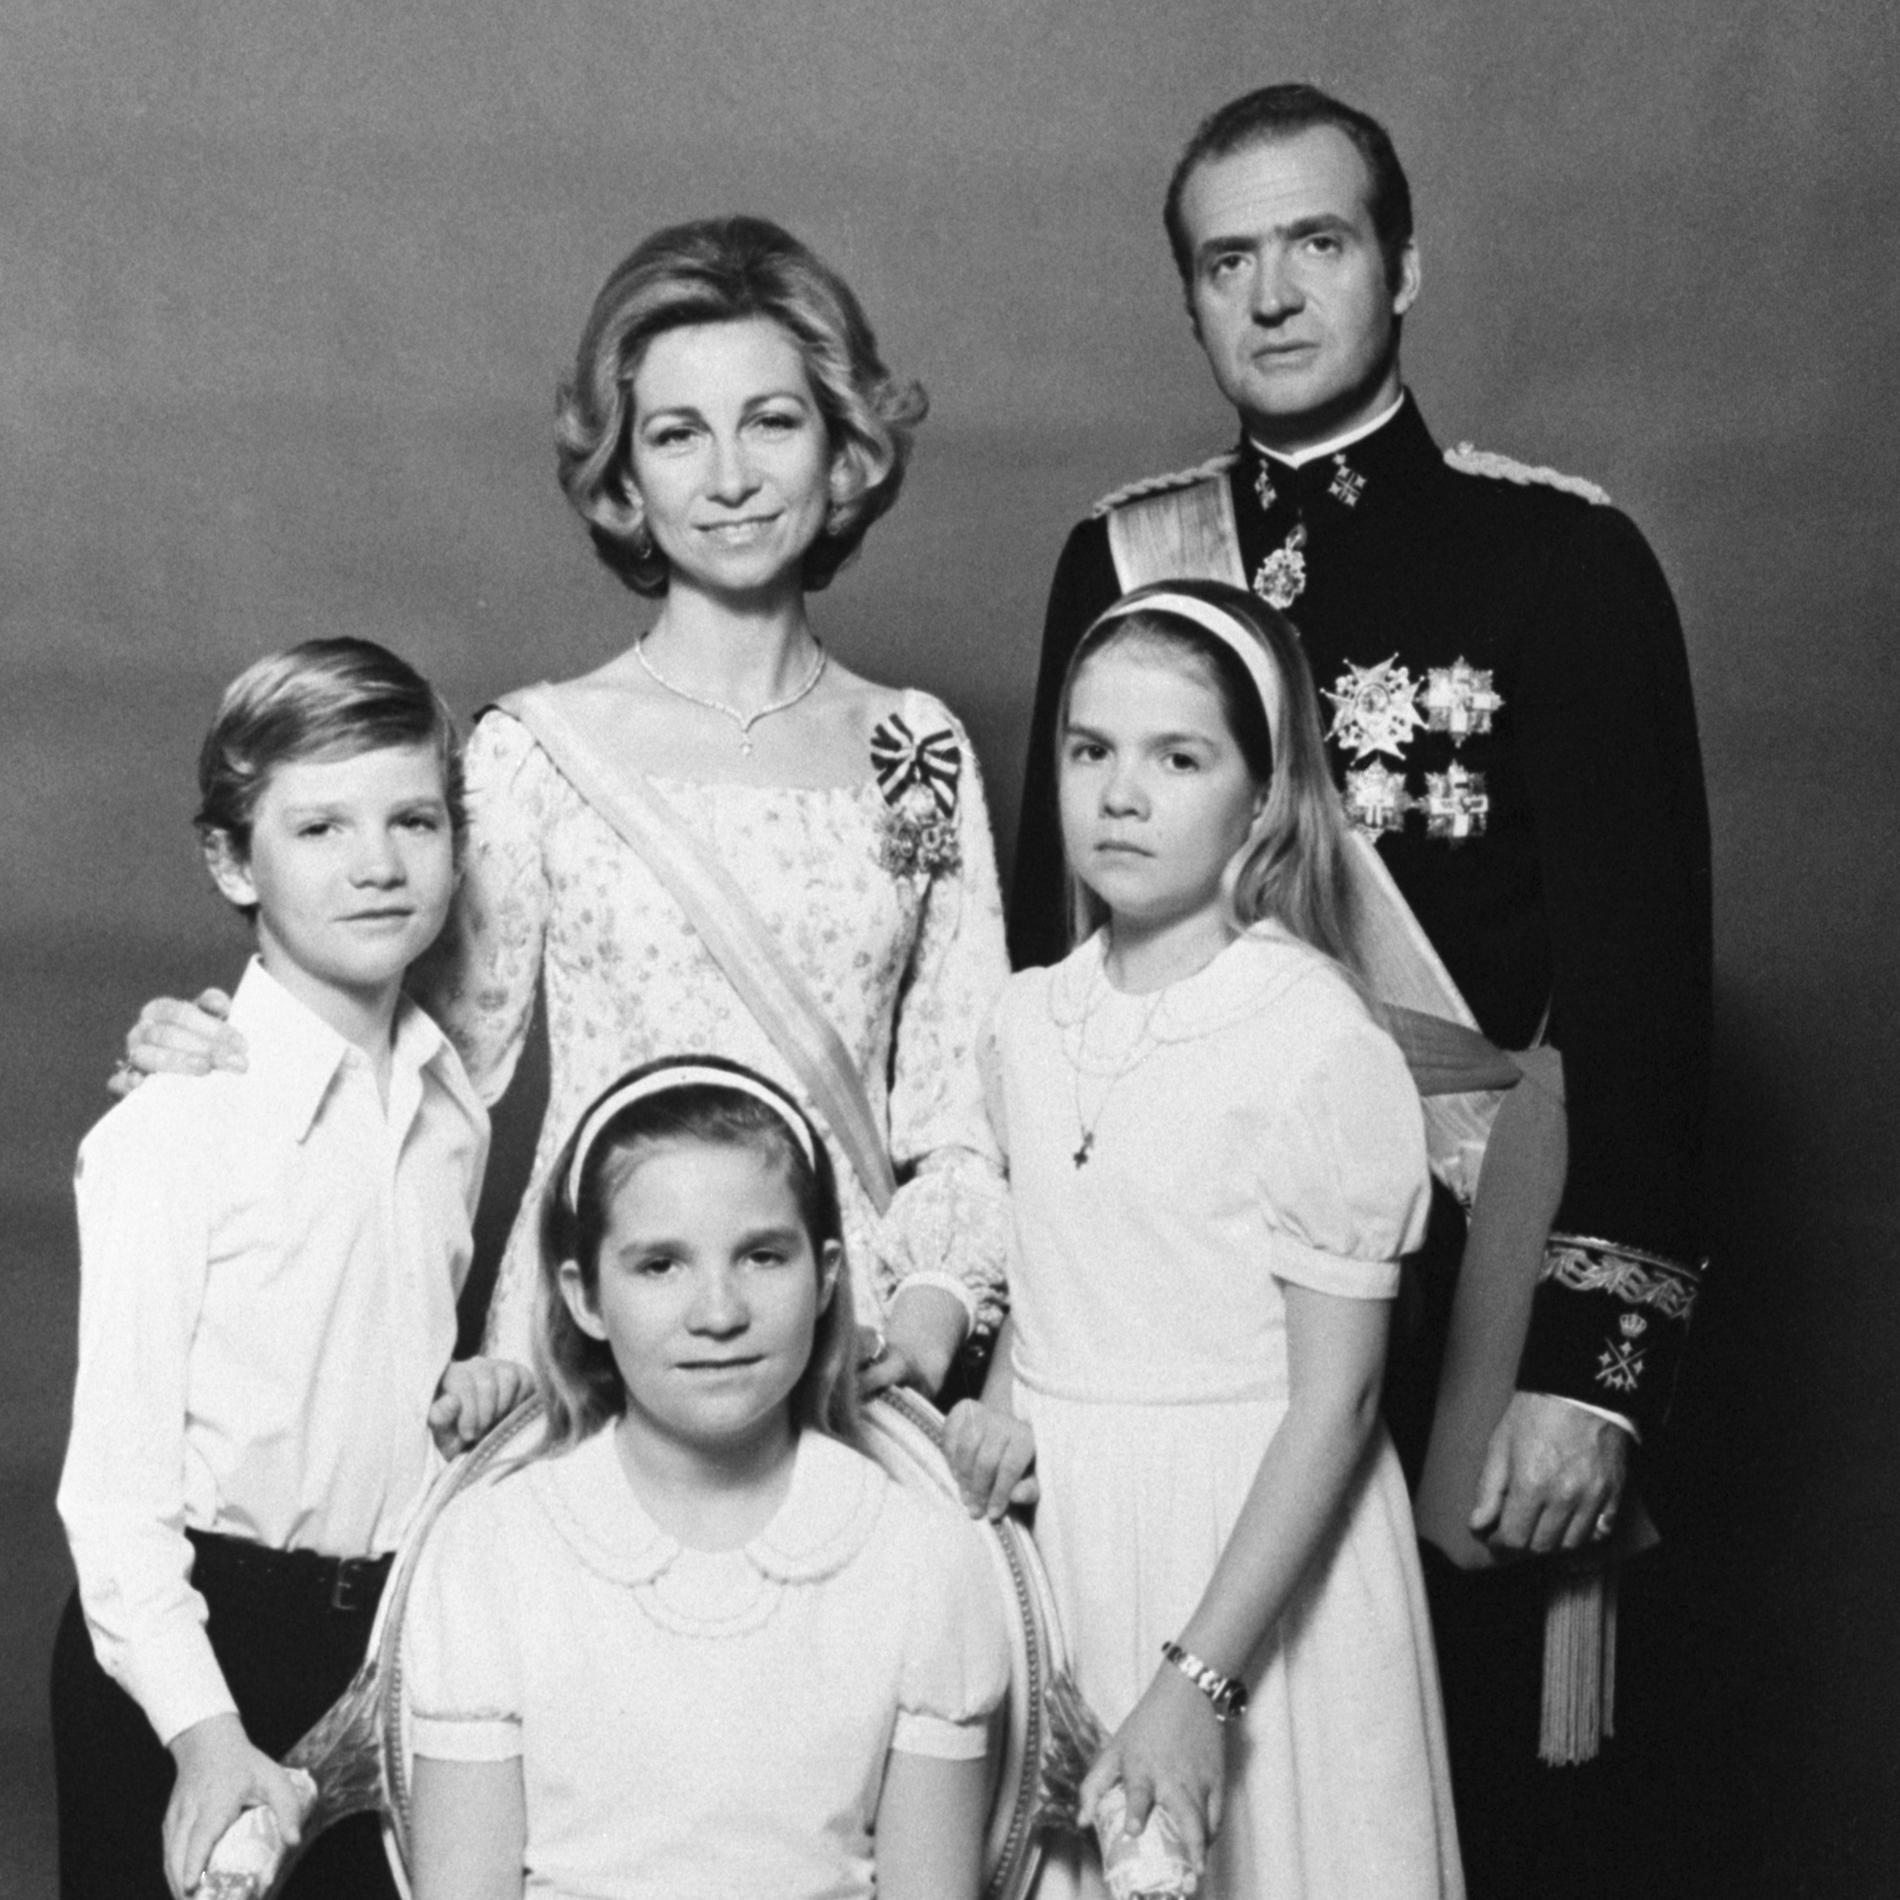 La famille royale espagnole dans les années 1970